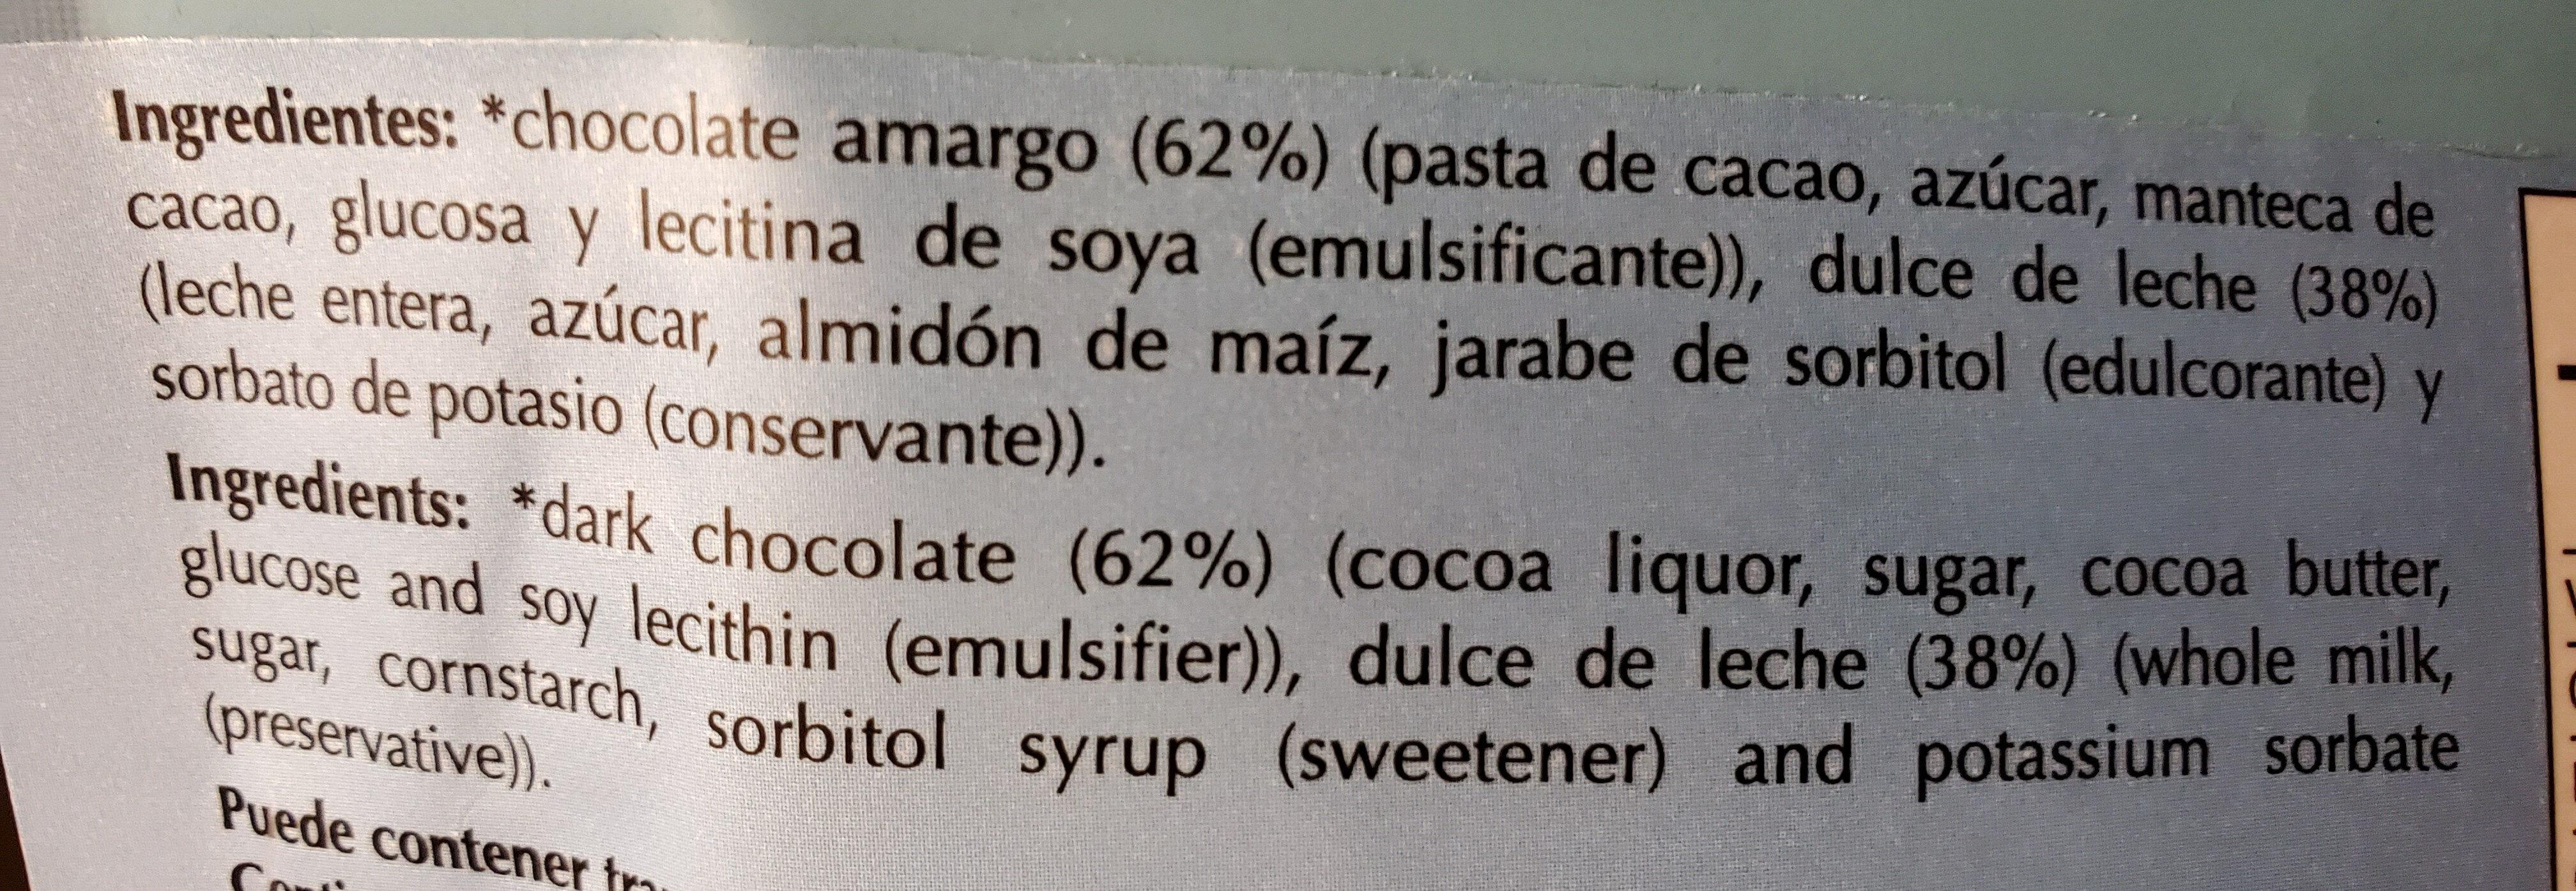 chocolates rellenos de dulce de leche - Ingredients - es